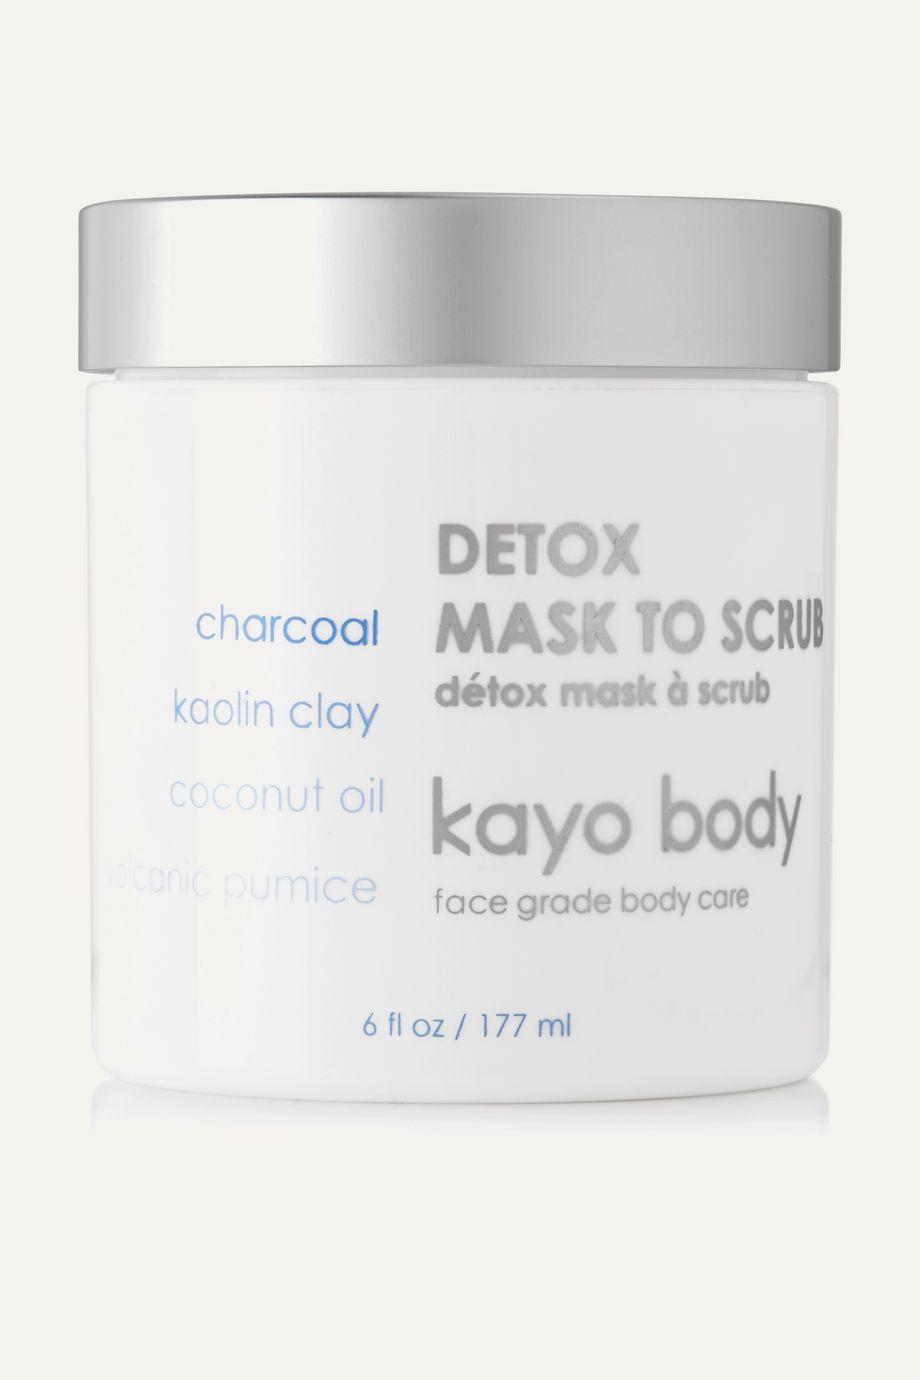 Kayo Detox Mask to Scrub, 177ml